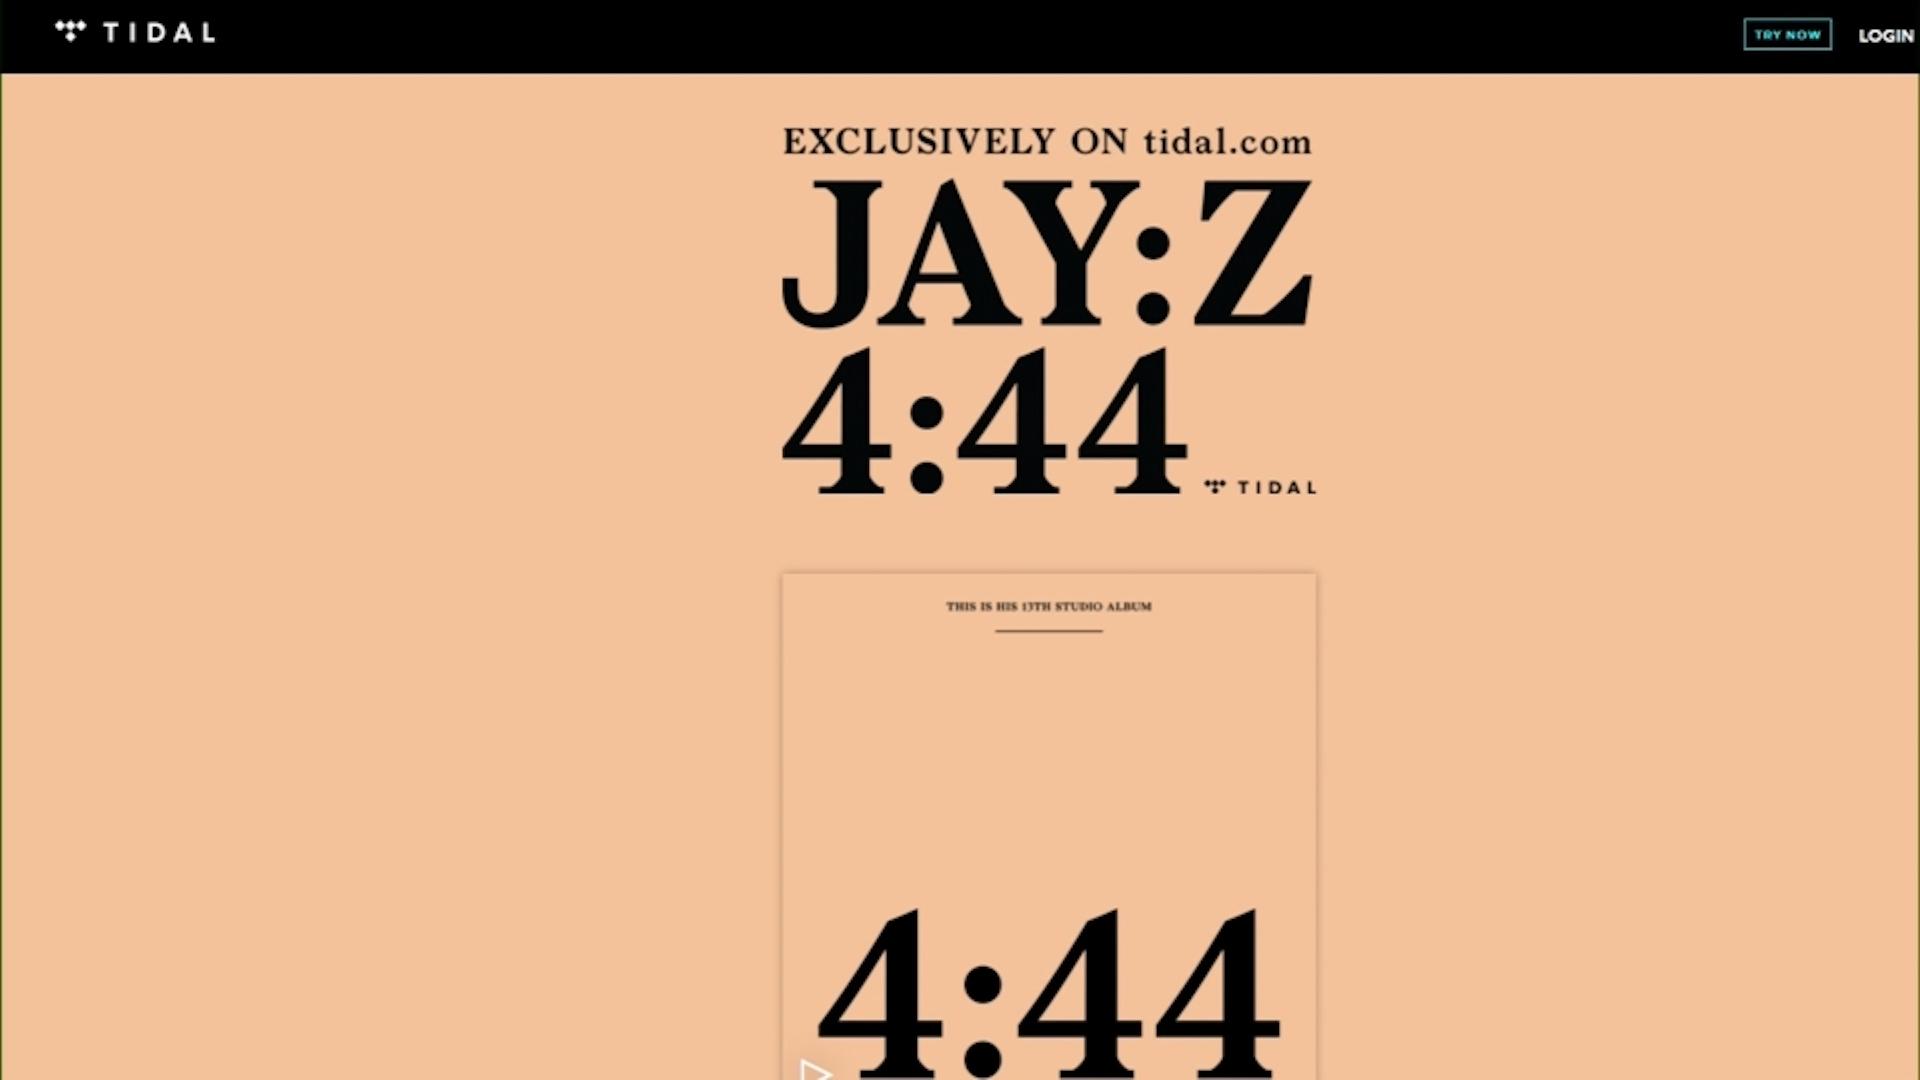 Jay Z addresses infidelity, newborn twins in '4:44' album